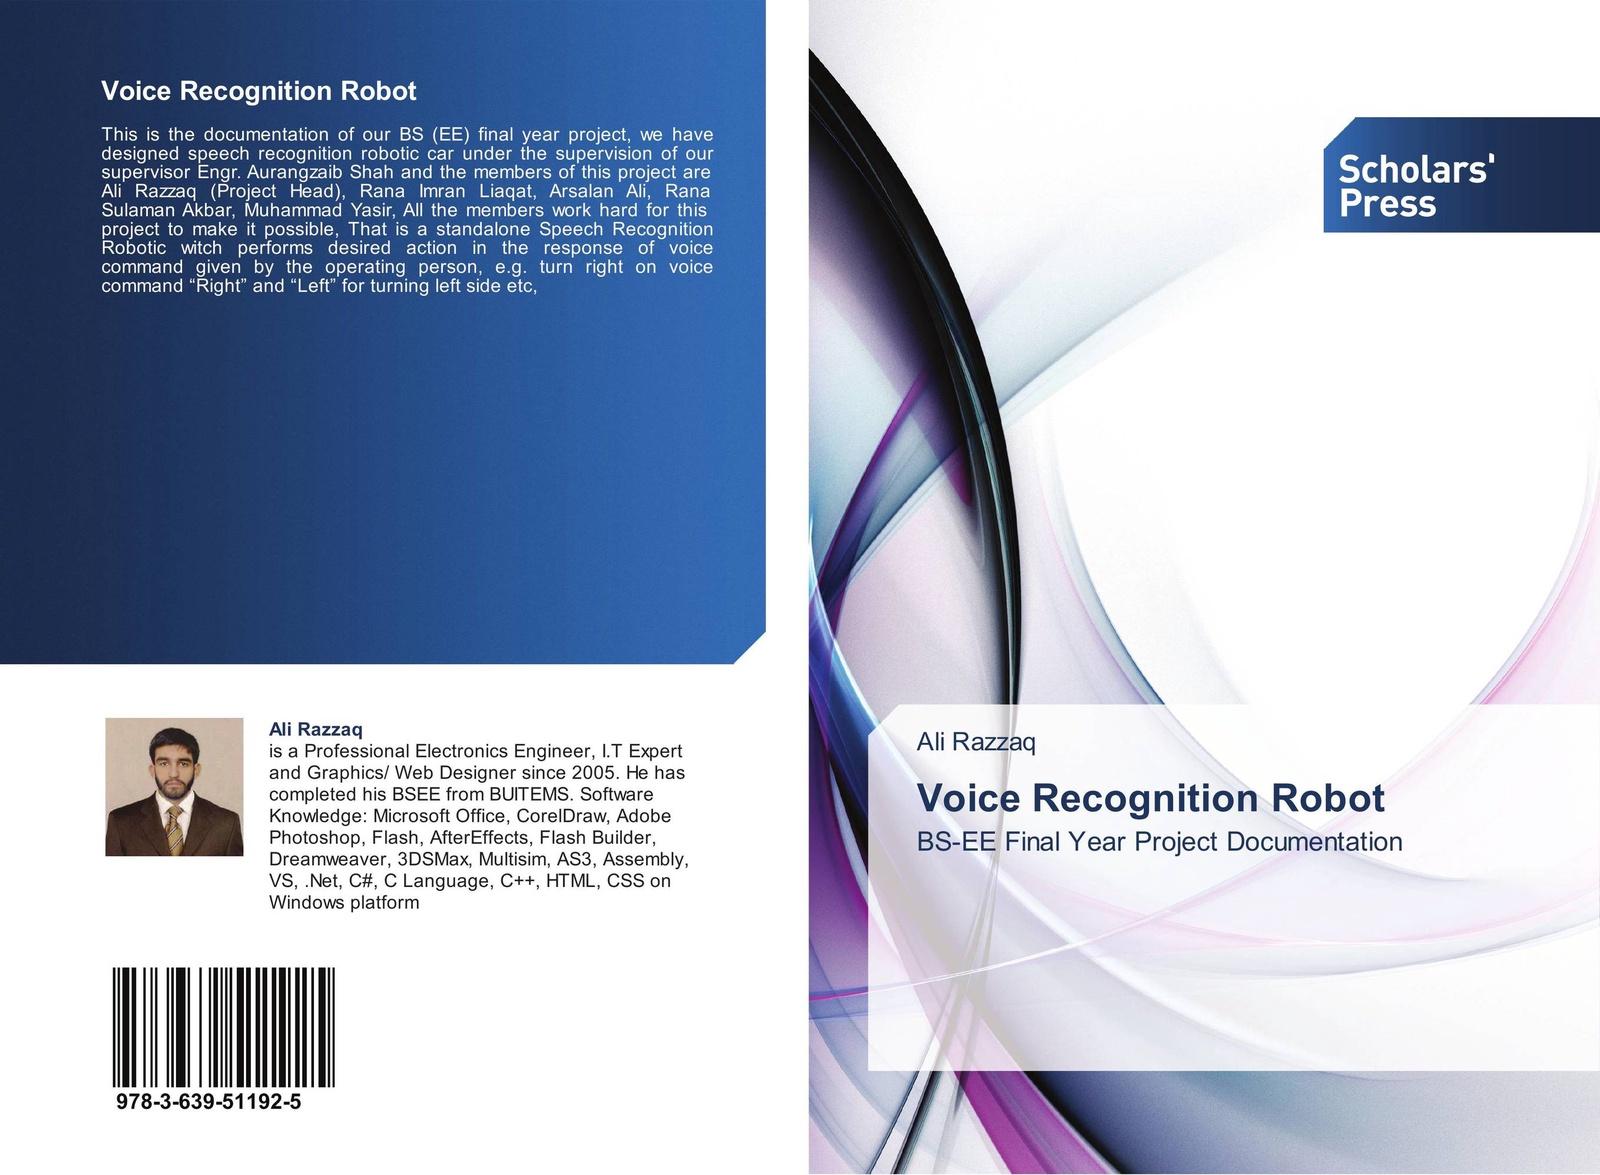 Ali Razzaq Voice Recognition Robot